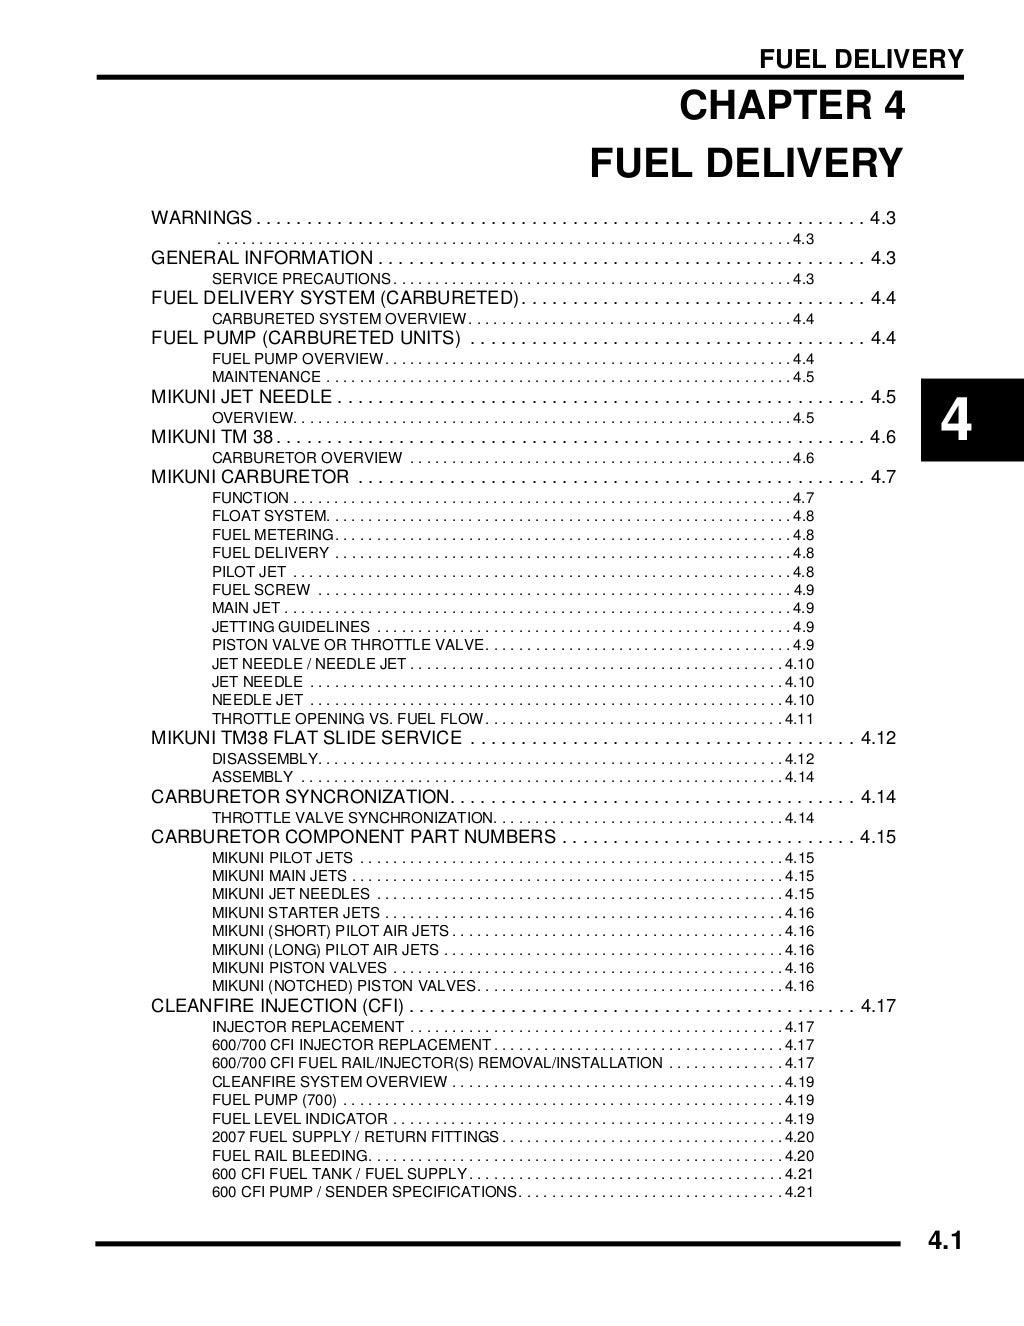 2007 POLARIS Dragon RMK TWO STROKE SNOWMOBILE Service